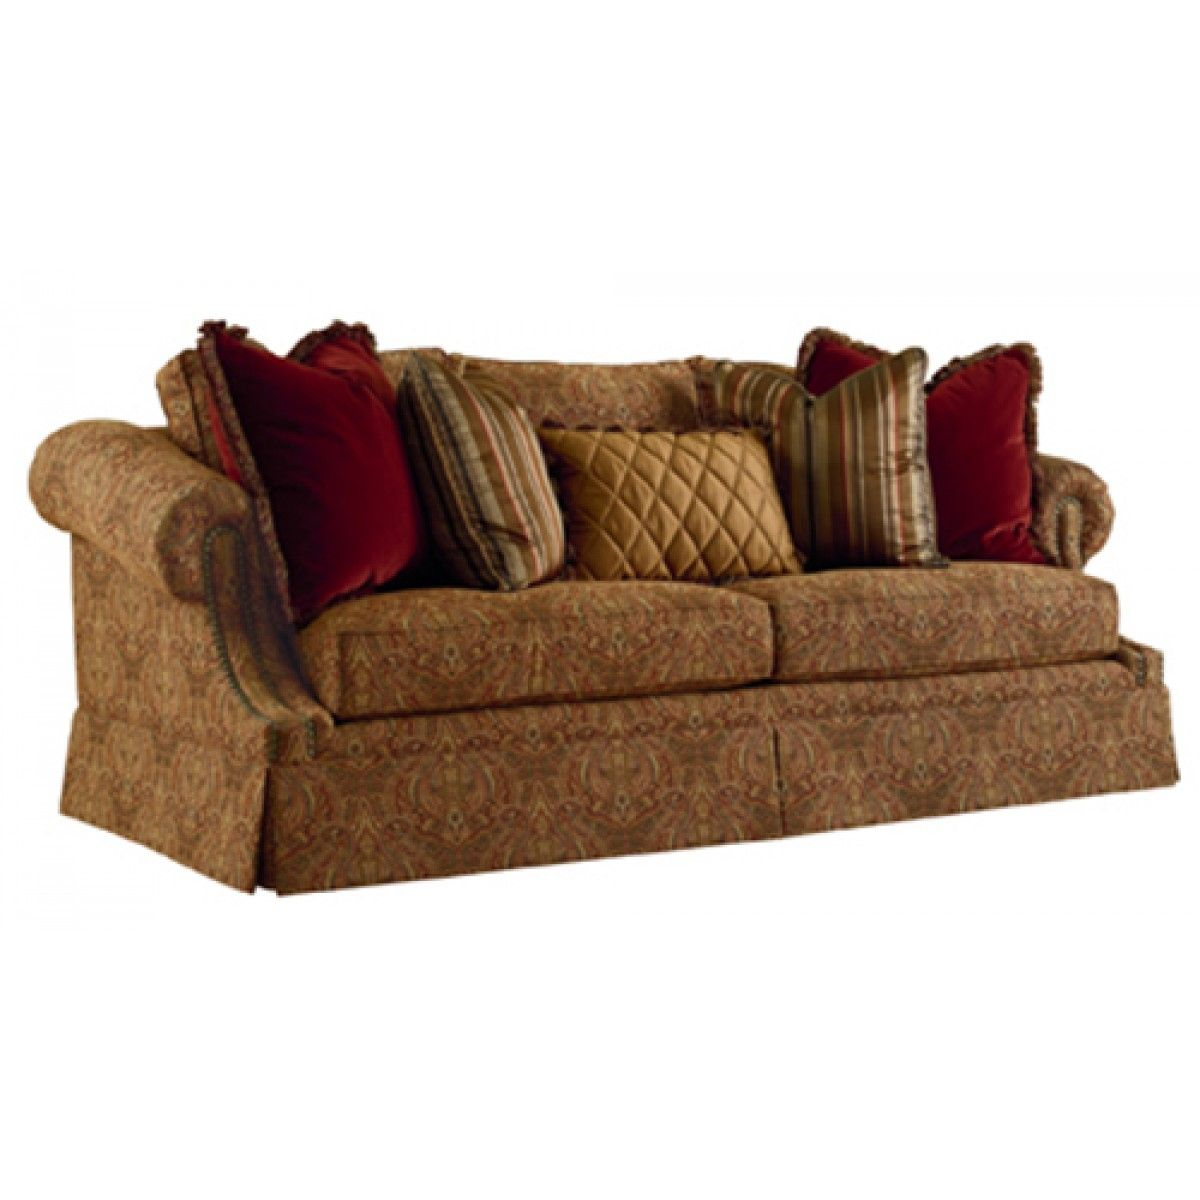 henredon upholstery tuscan sofa with images  henredon